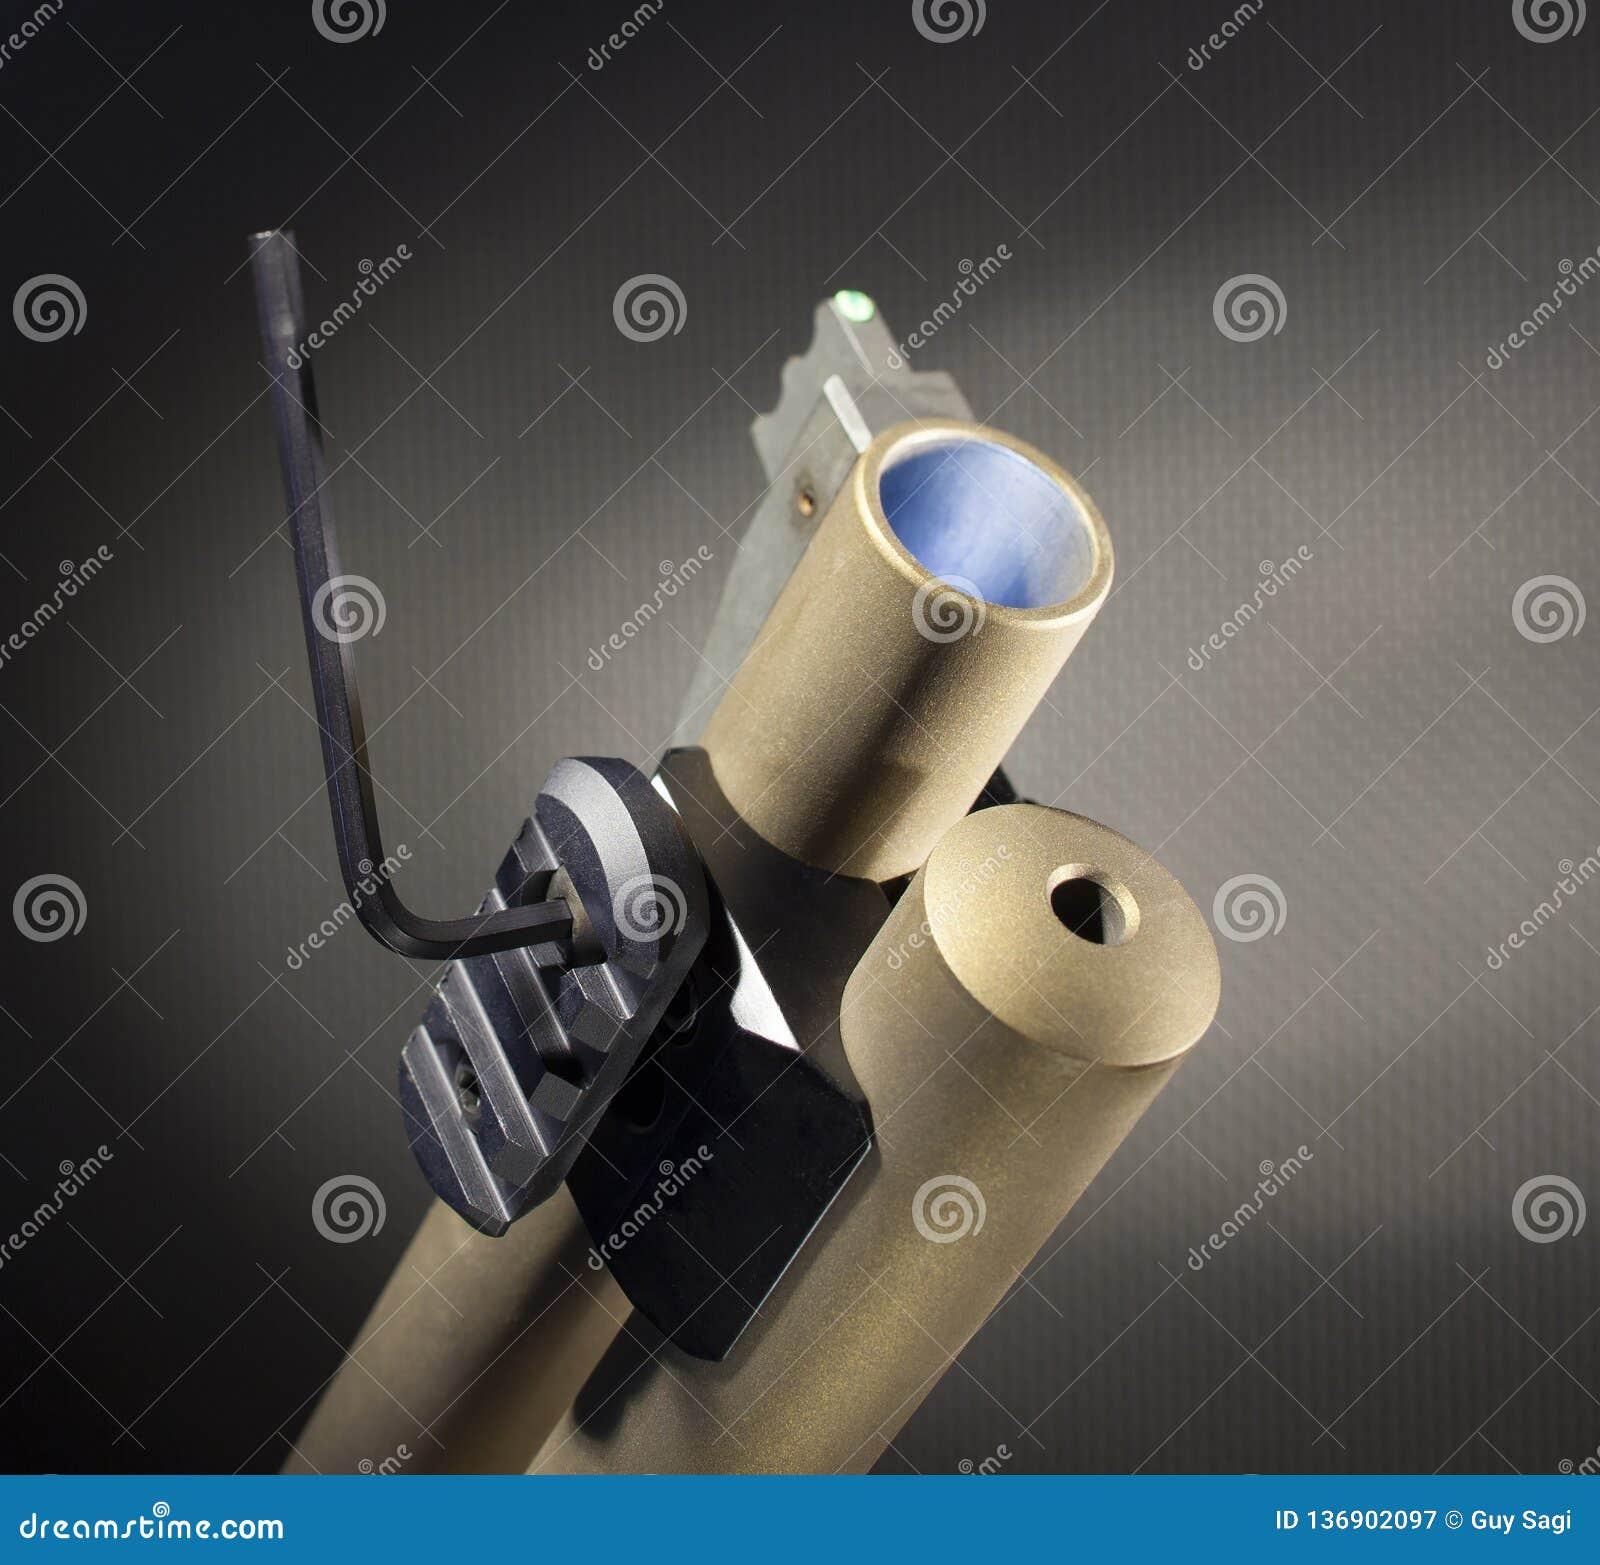 Equipe el ajuste de un adaptador del weaponlight en una escopeta